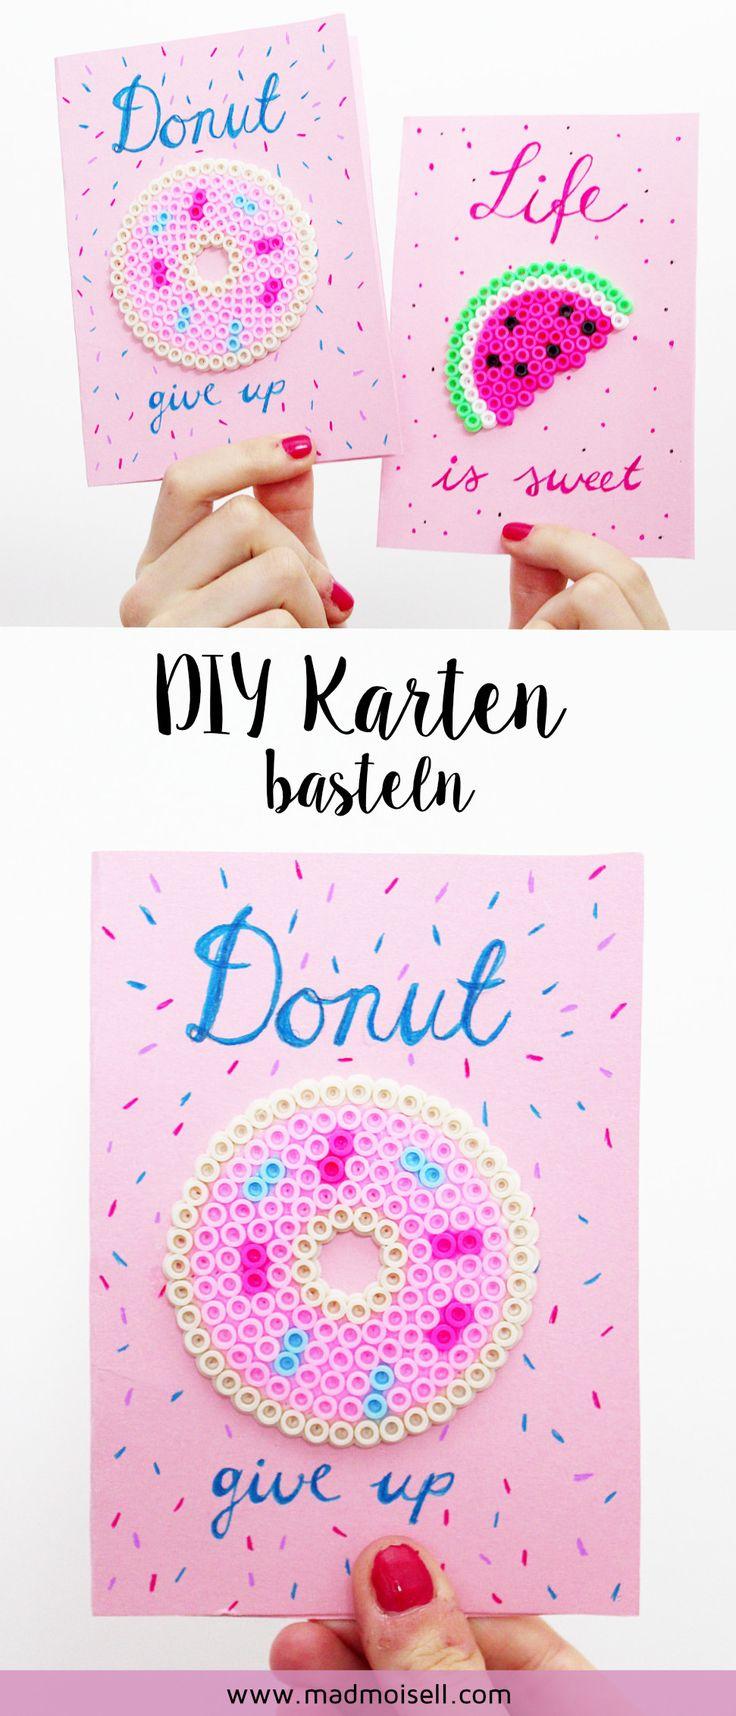 DIY Karten mit Bügelperlen & Handlettering verzieren! DIY Karten sind super schnell selbst gemacht und eignen sich toll zum Verschenken! Ich zeige dir eine DIY Karte verziert mit Bügelperlen und Handlettering!